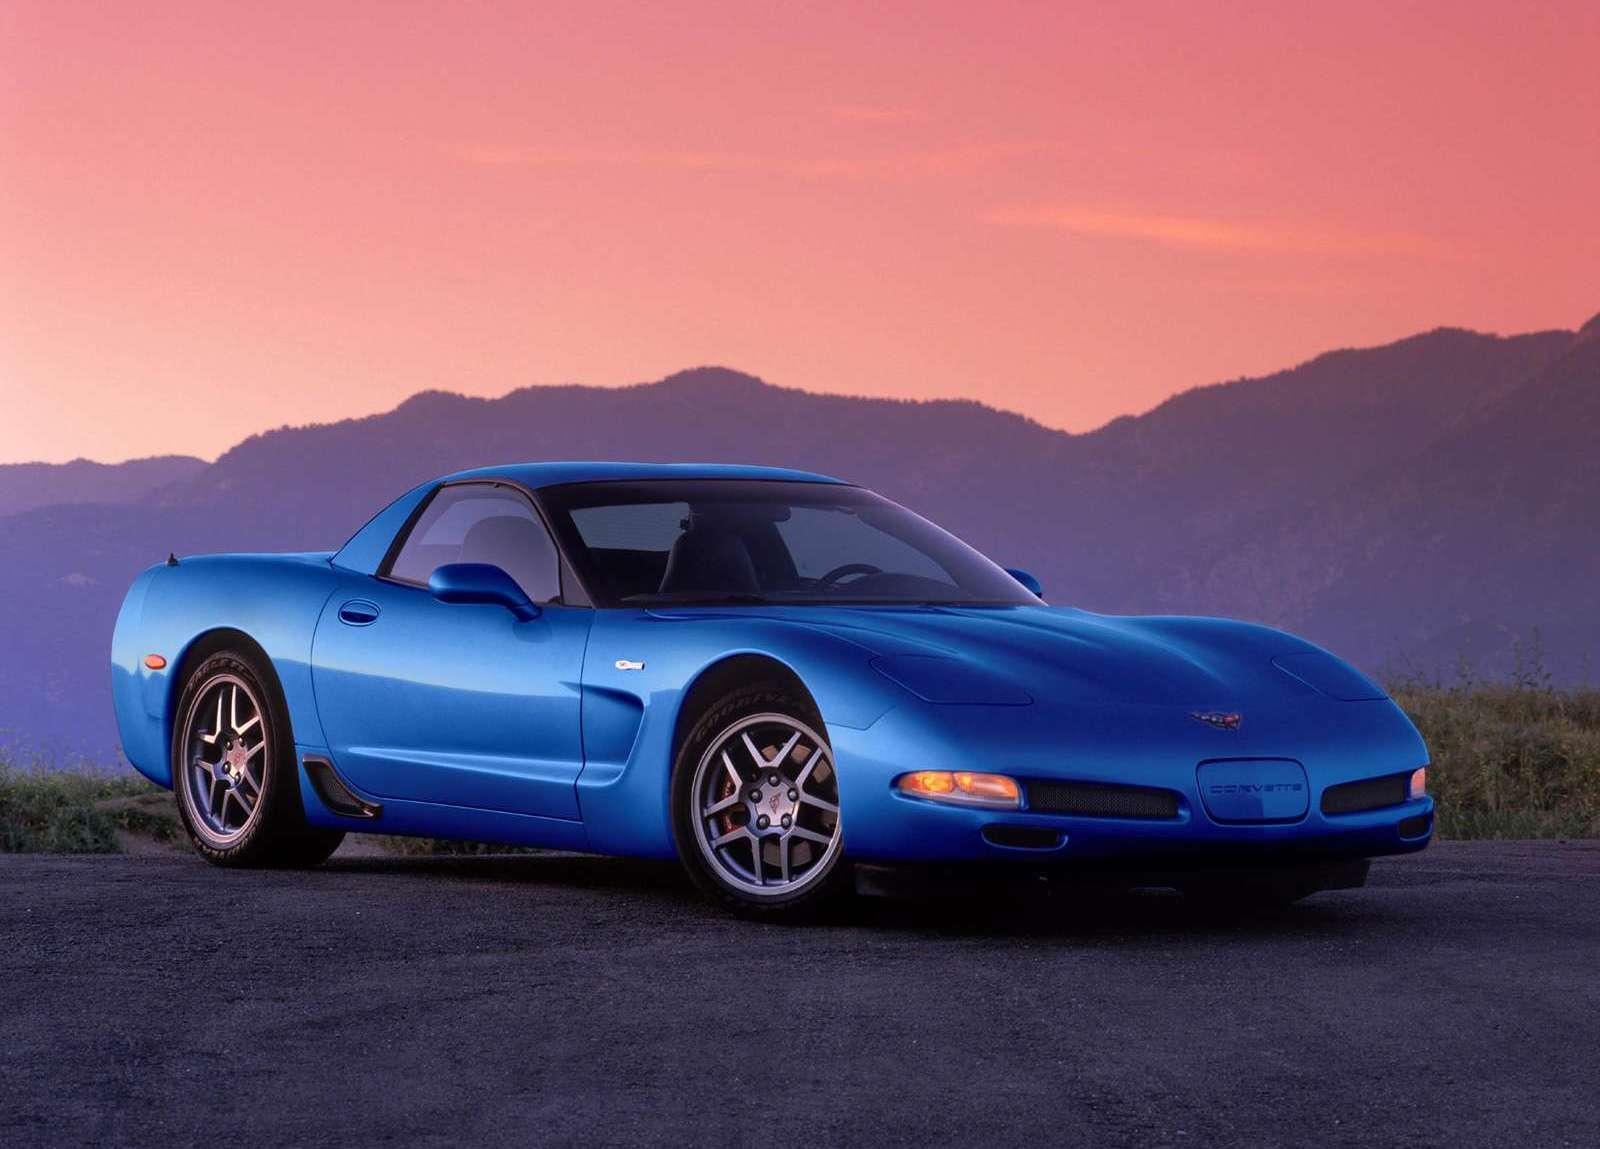 2002 Chevrolet Corvette Z06 electron blue 3/4 front